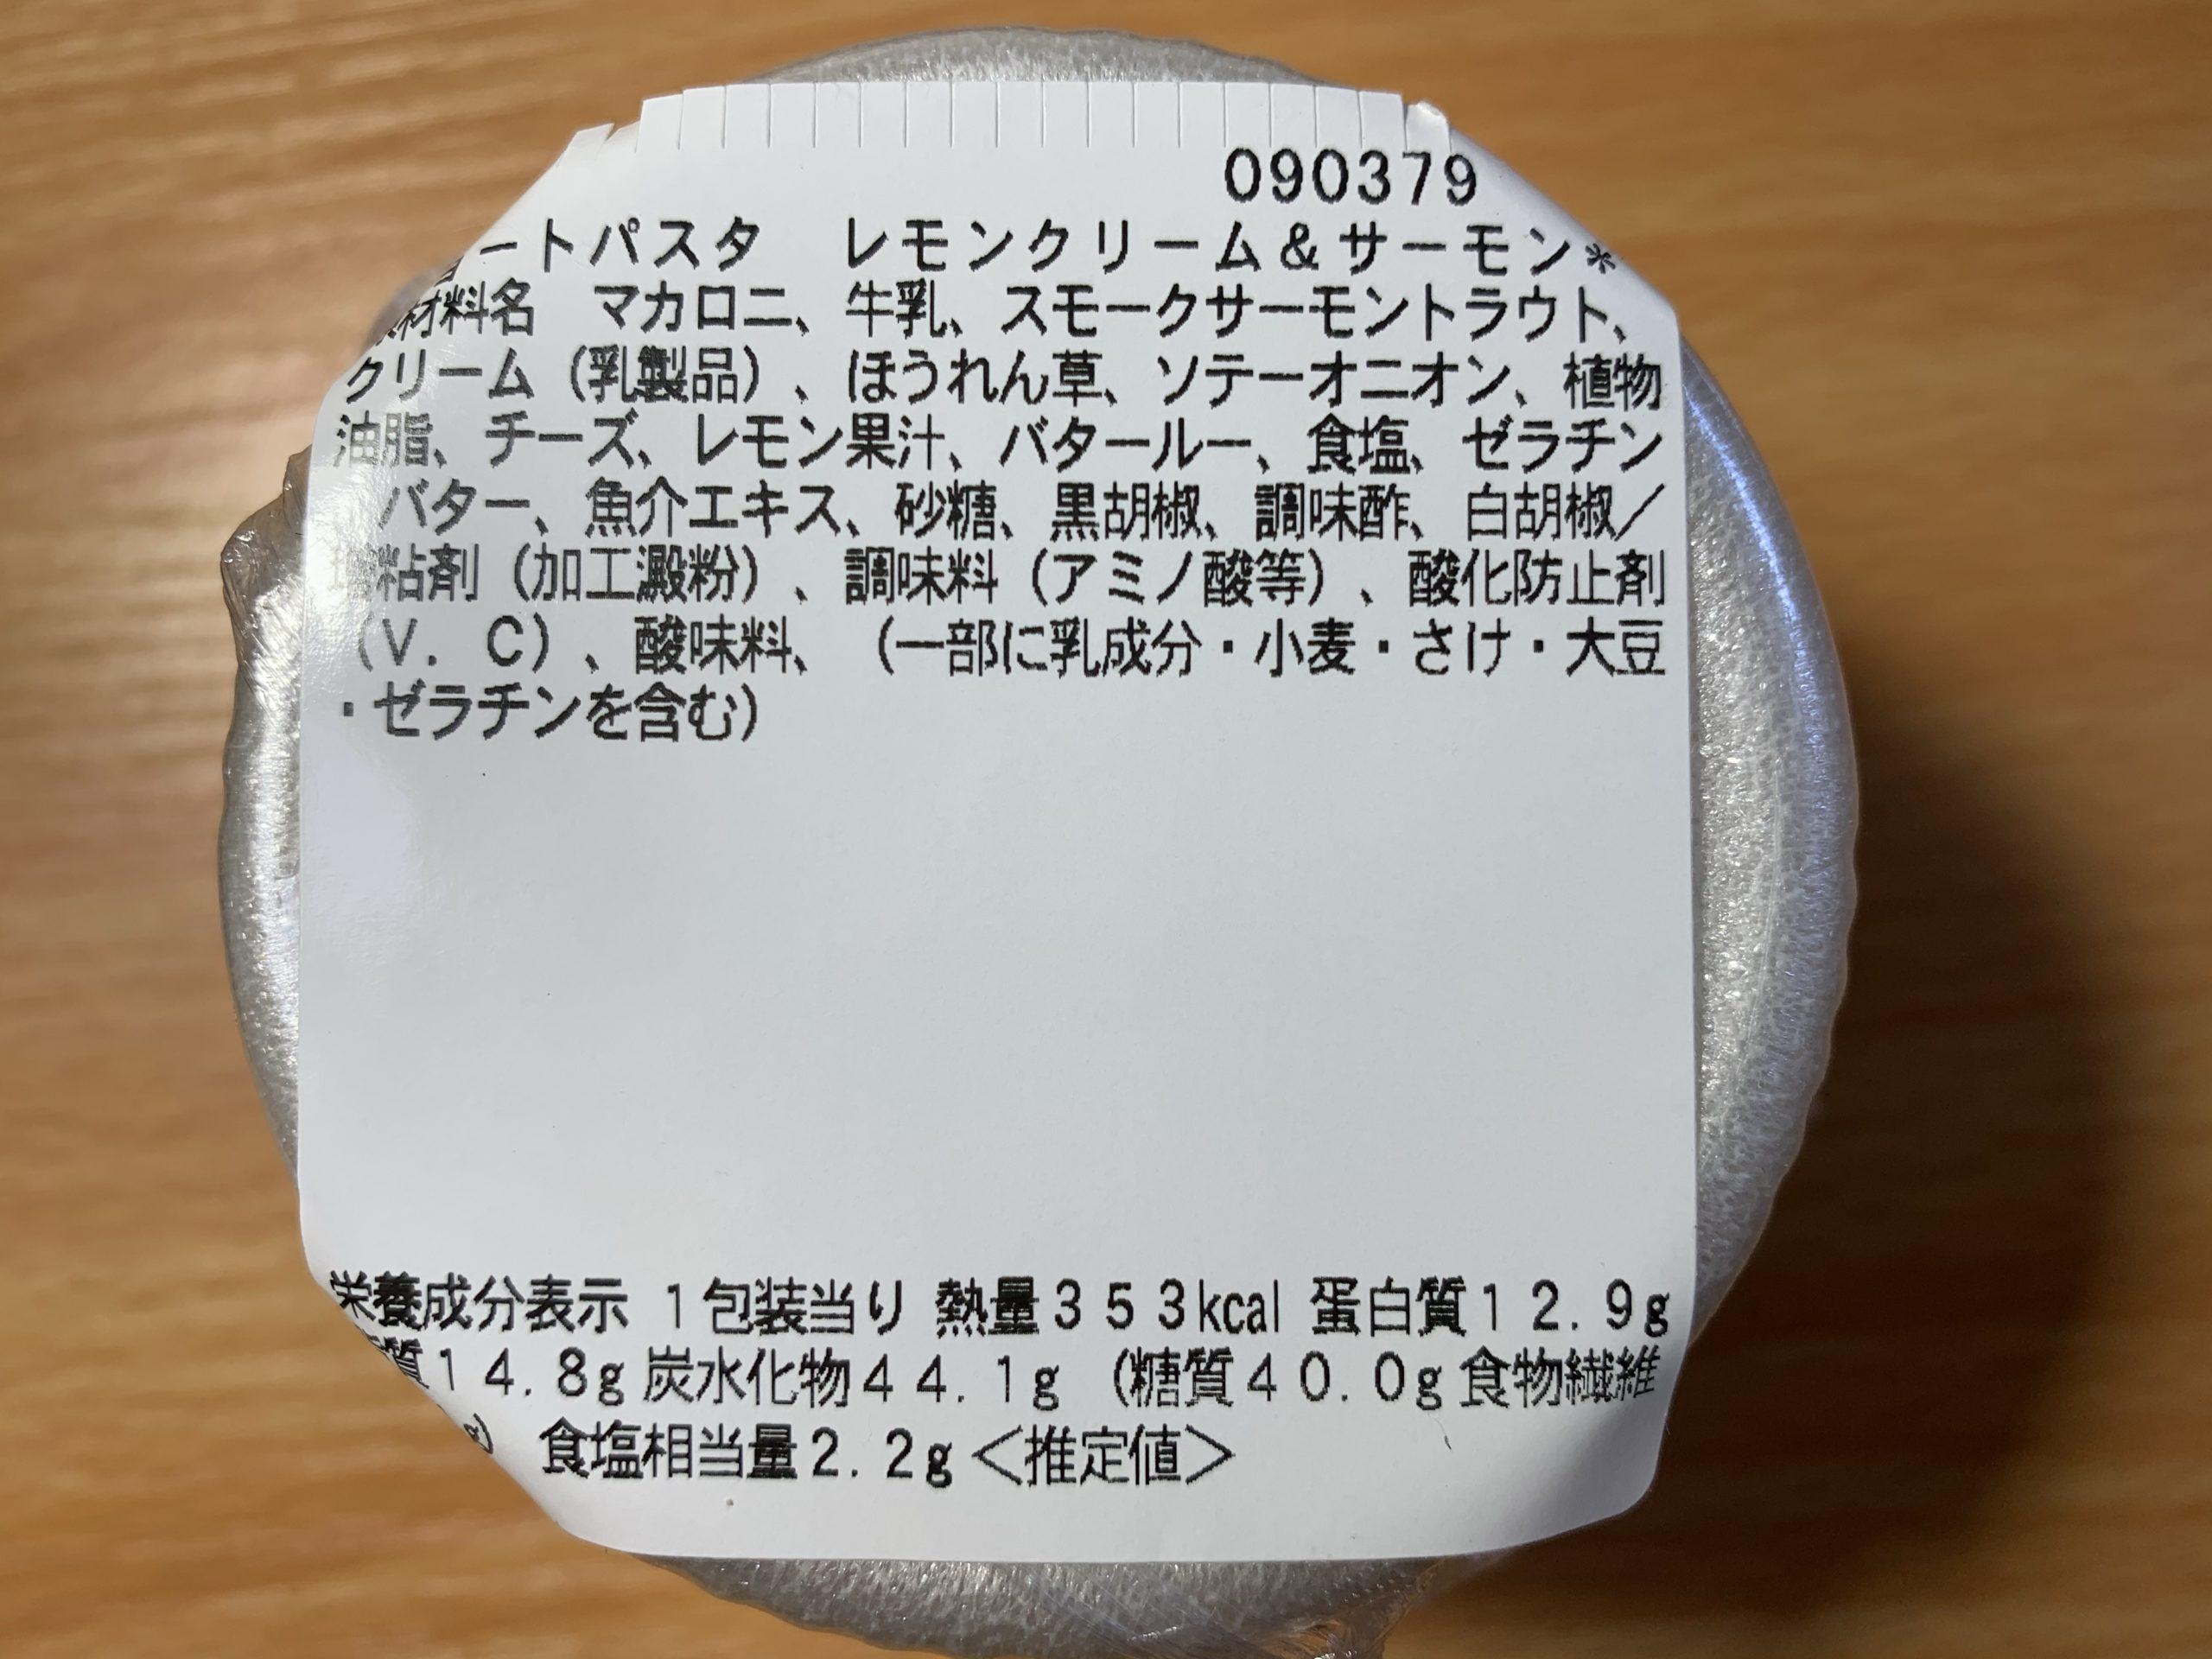 ショートパスタレモンクリーム&サーモンの原材料と栄養成分